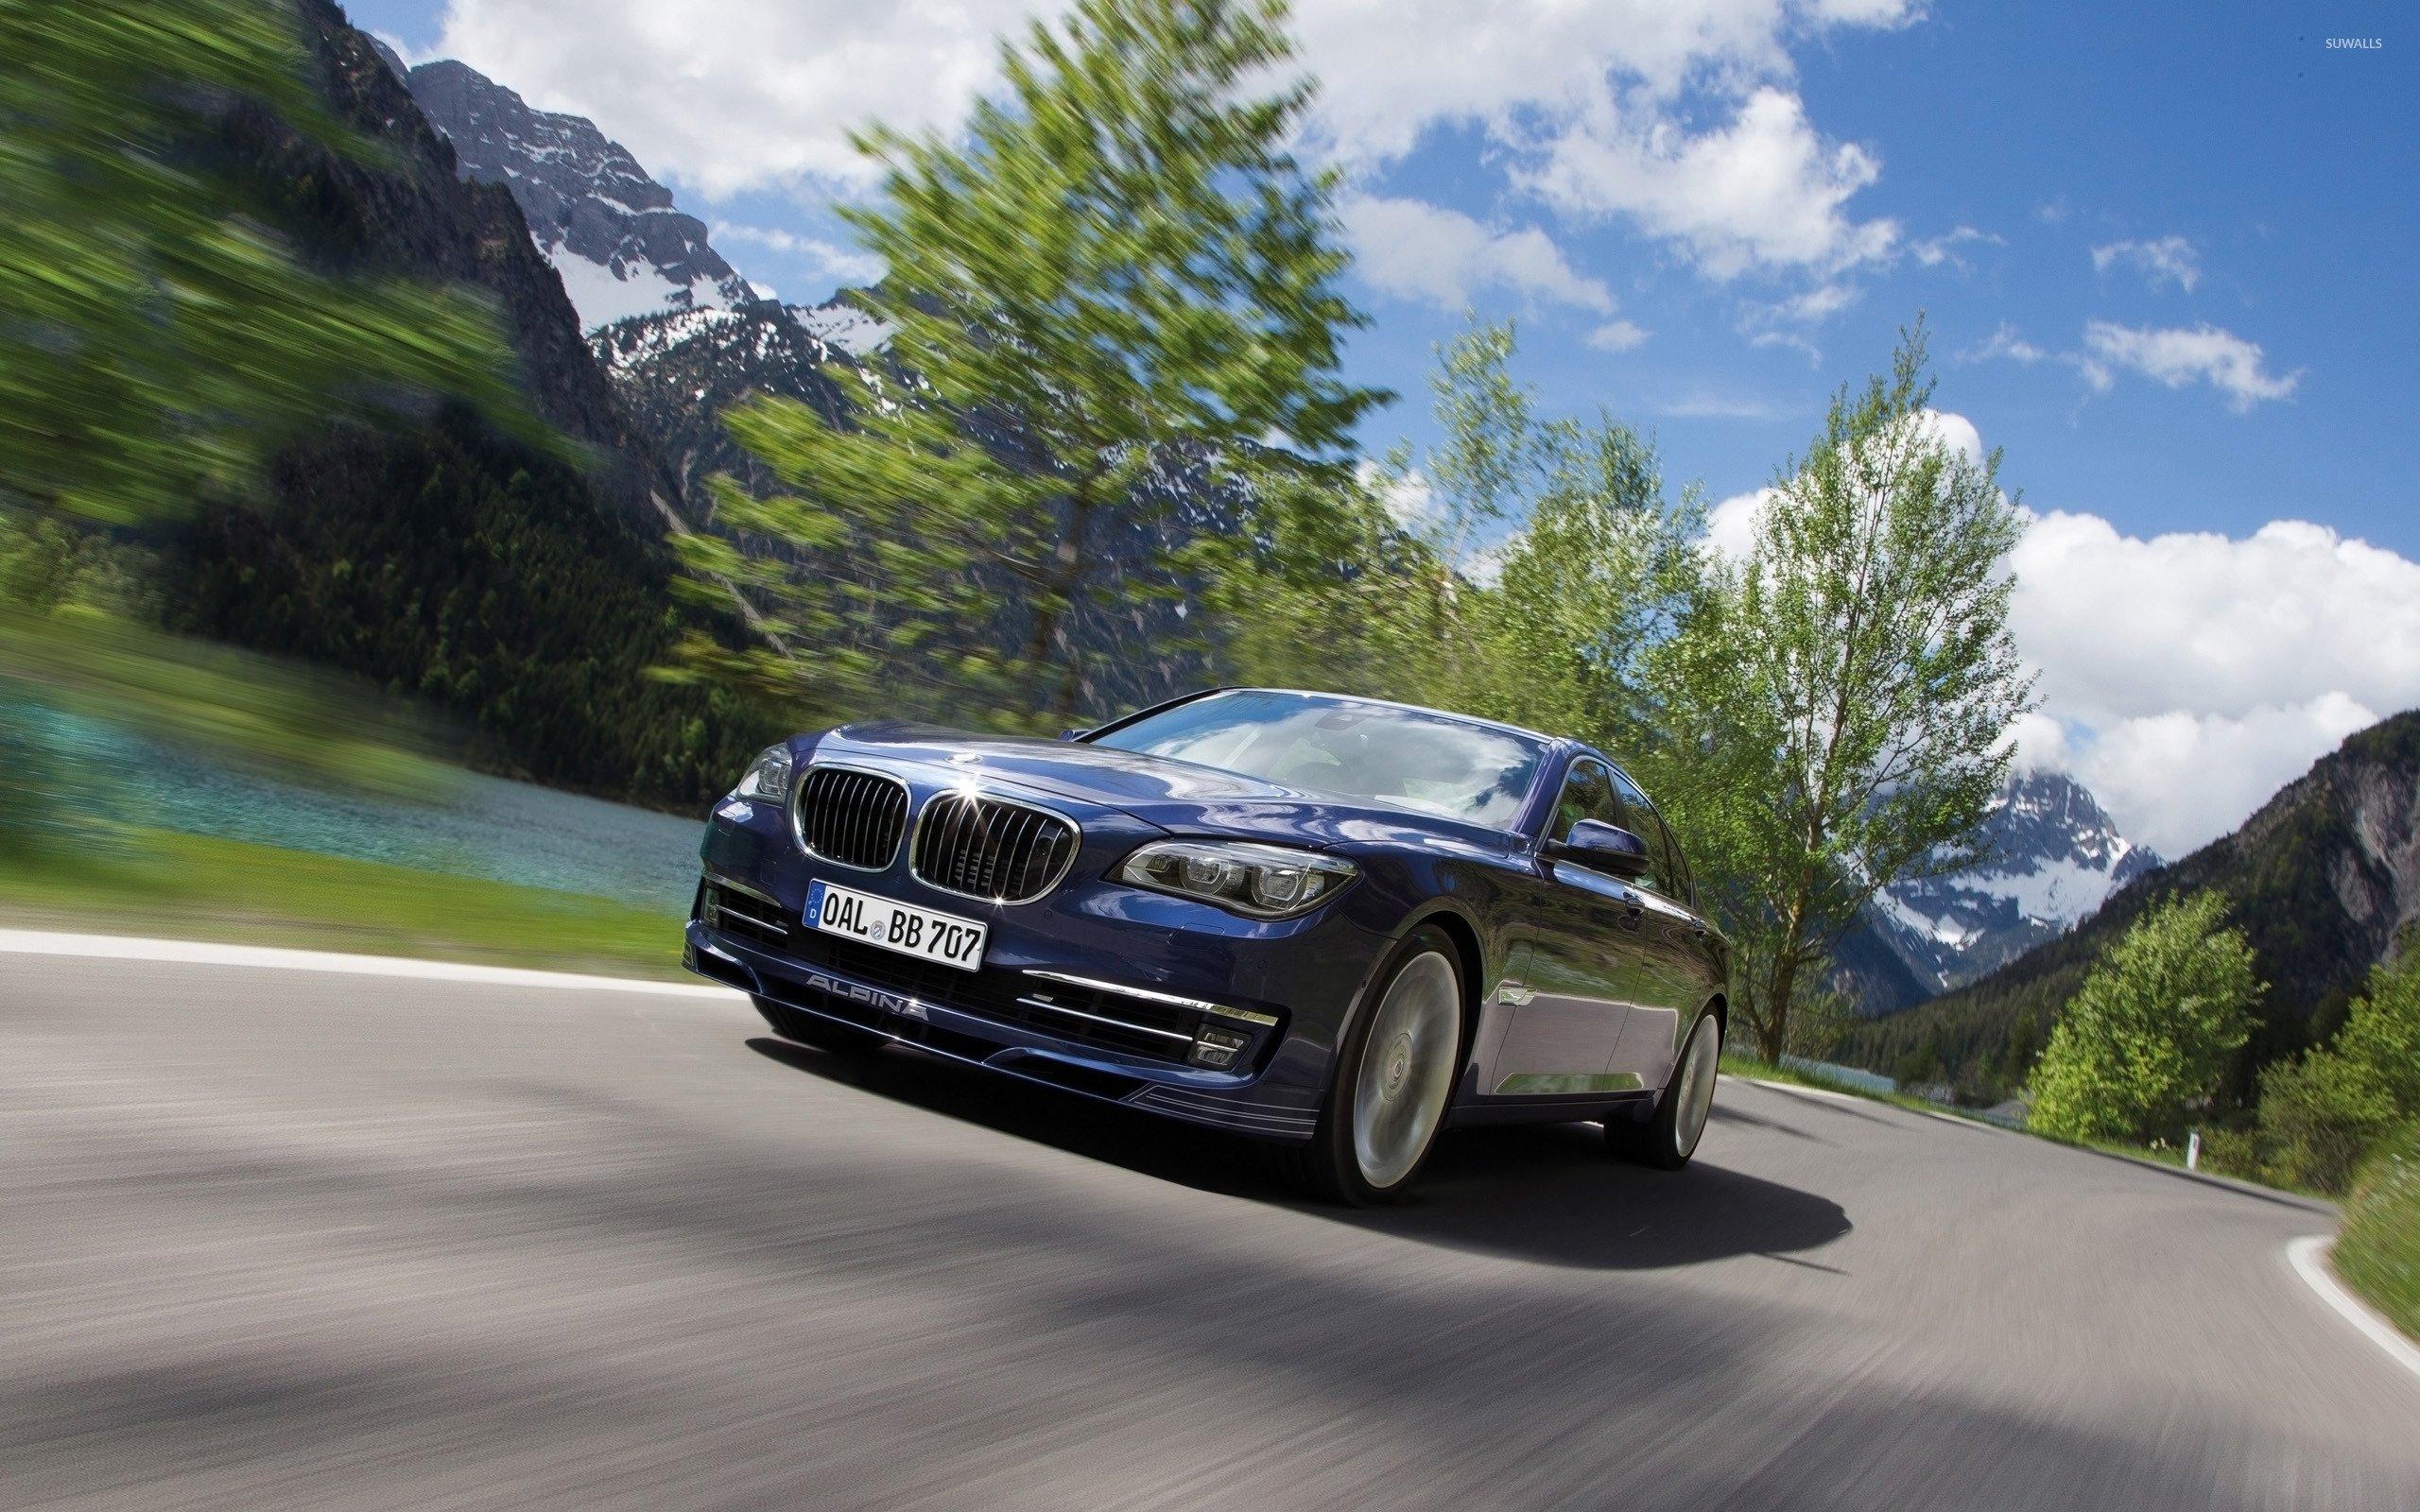 2013 BMW Alpina B7 Biturbo wallpaper   Car wallpapers   24846 2560x1600